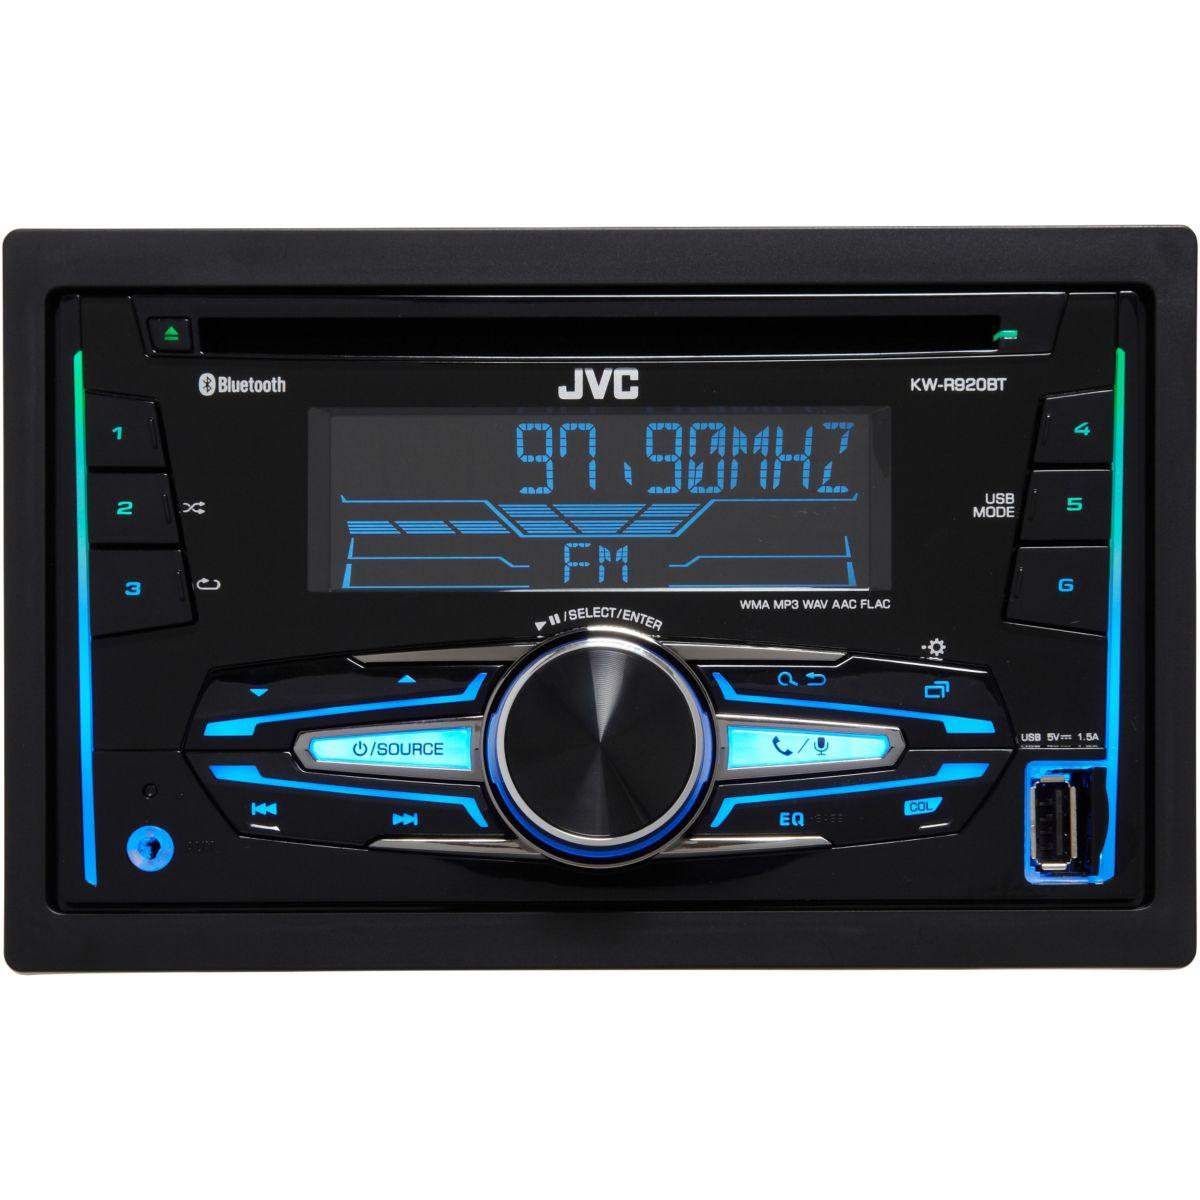 Autoradio JVC KW-R920BT